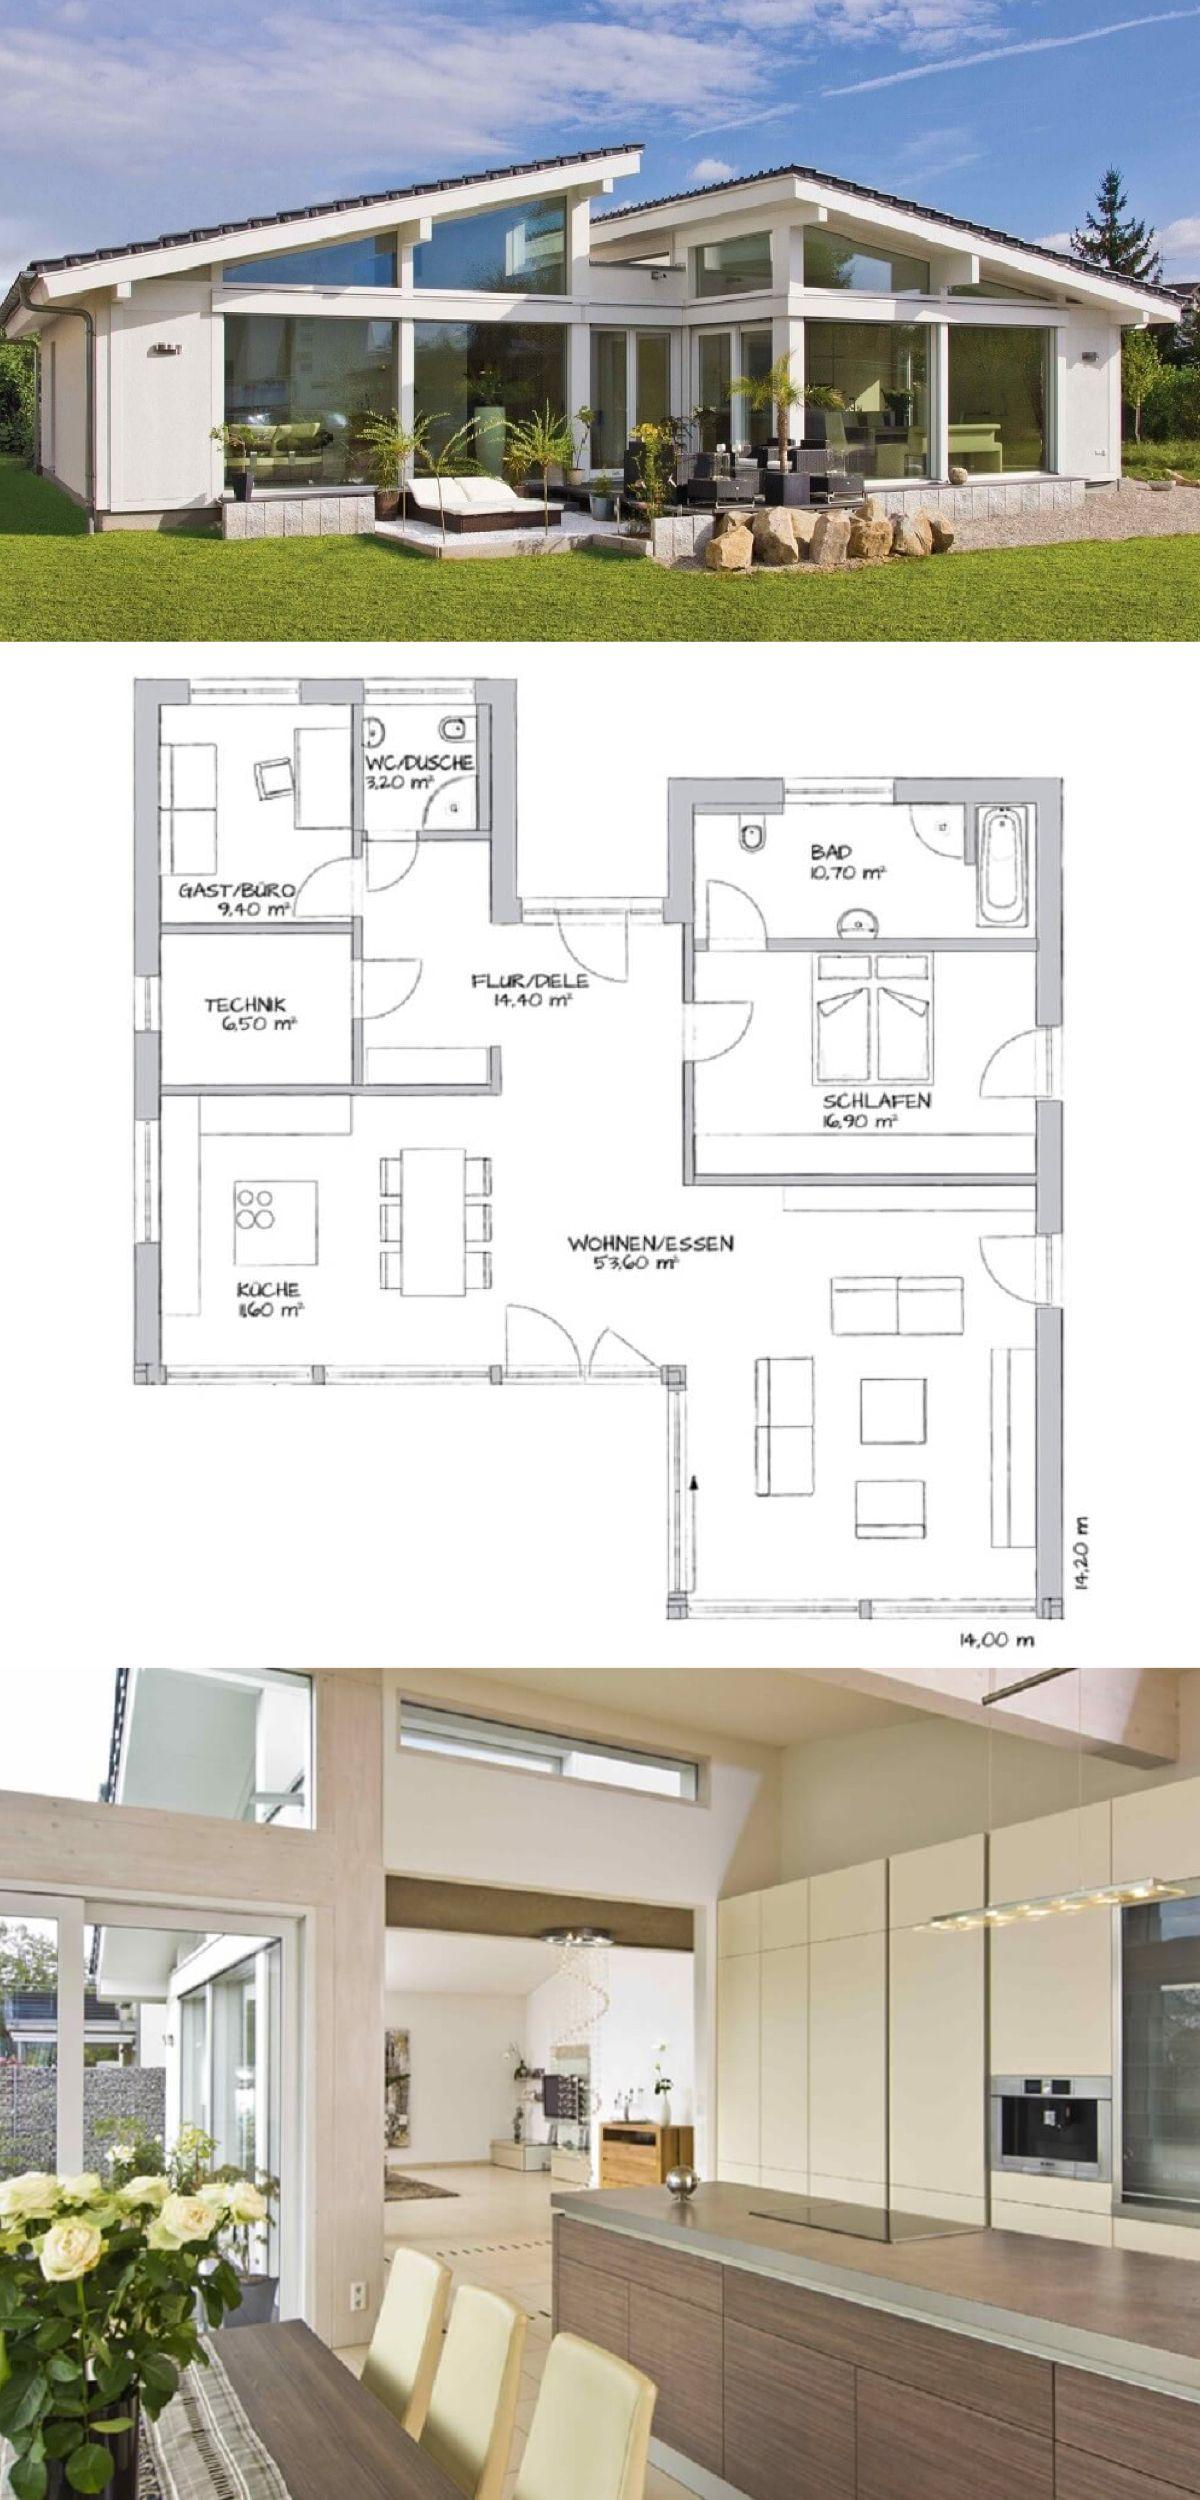 Haus flur design-ideen bungalow mit pultdach fassade außen modern mit fachwerk und glas